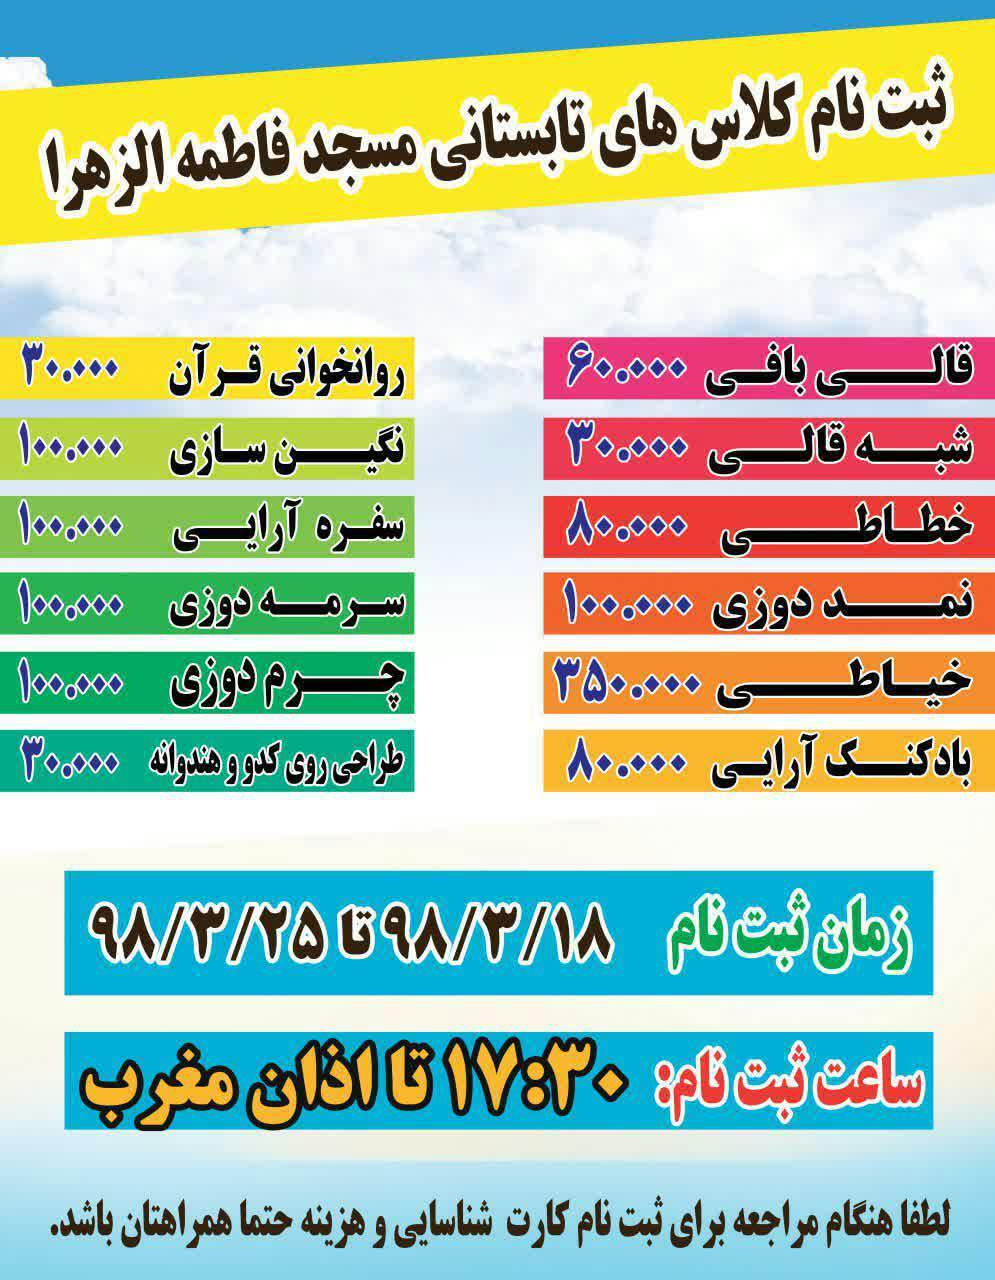 ثبت نام کلاس های تابستانی مسجد فاطمه زهرا(س)